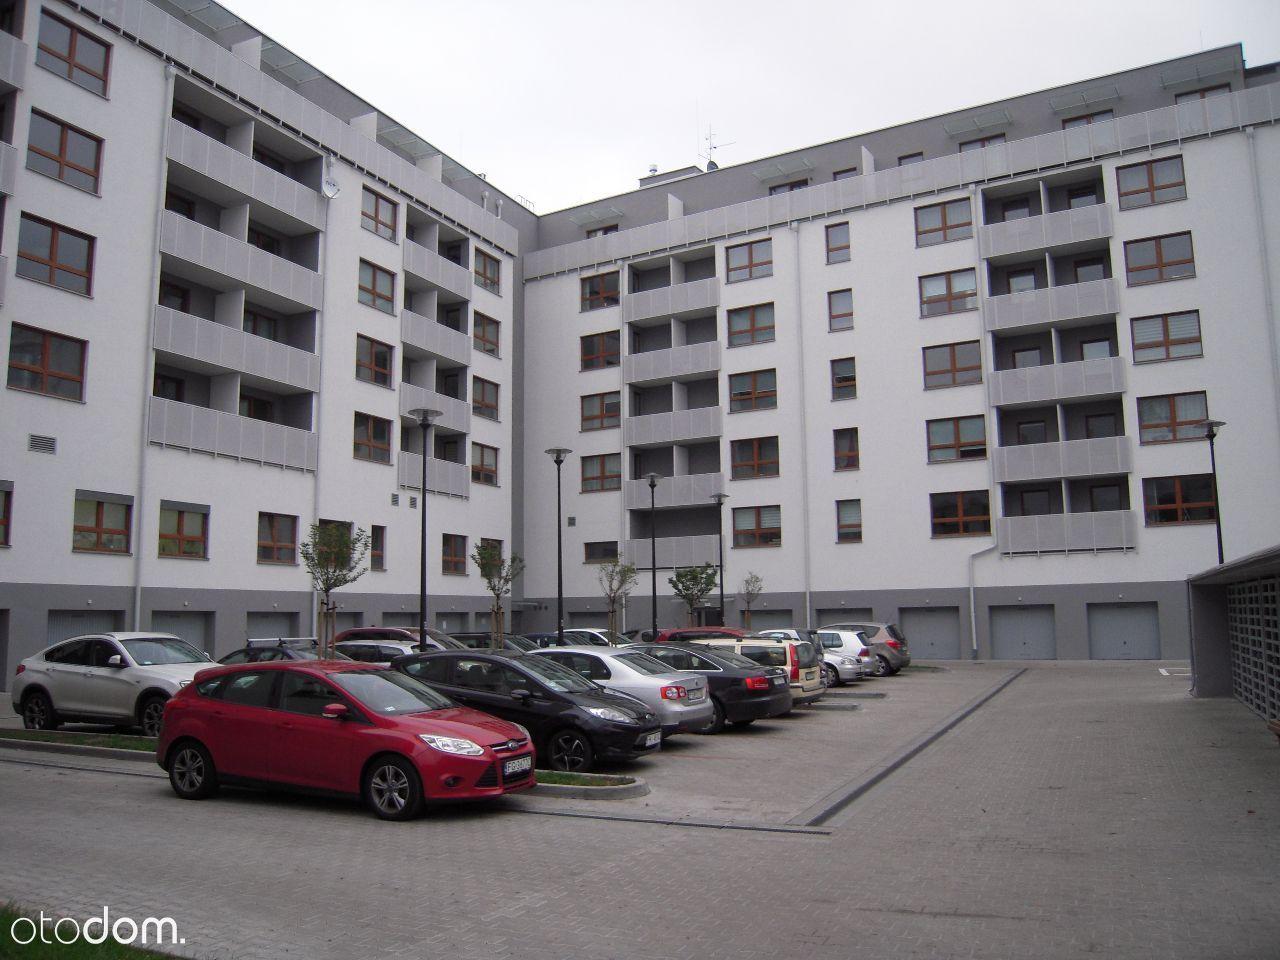 Garaż na wynajem, Gorzów Wielkopolski, Centrum - Foto 2